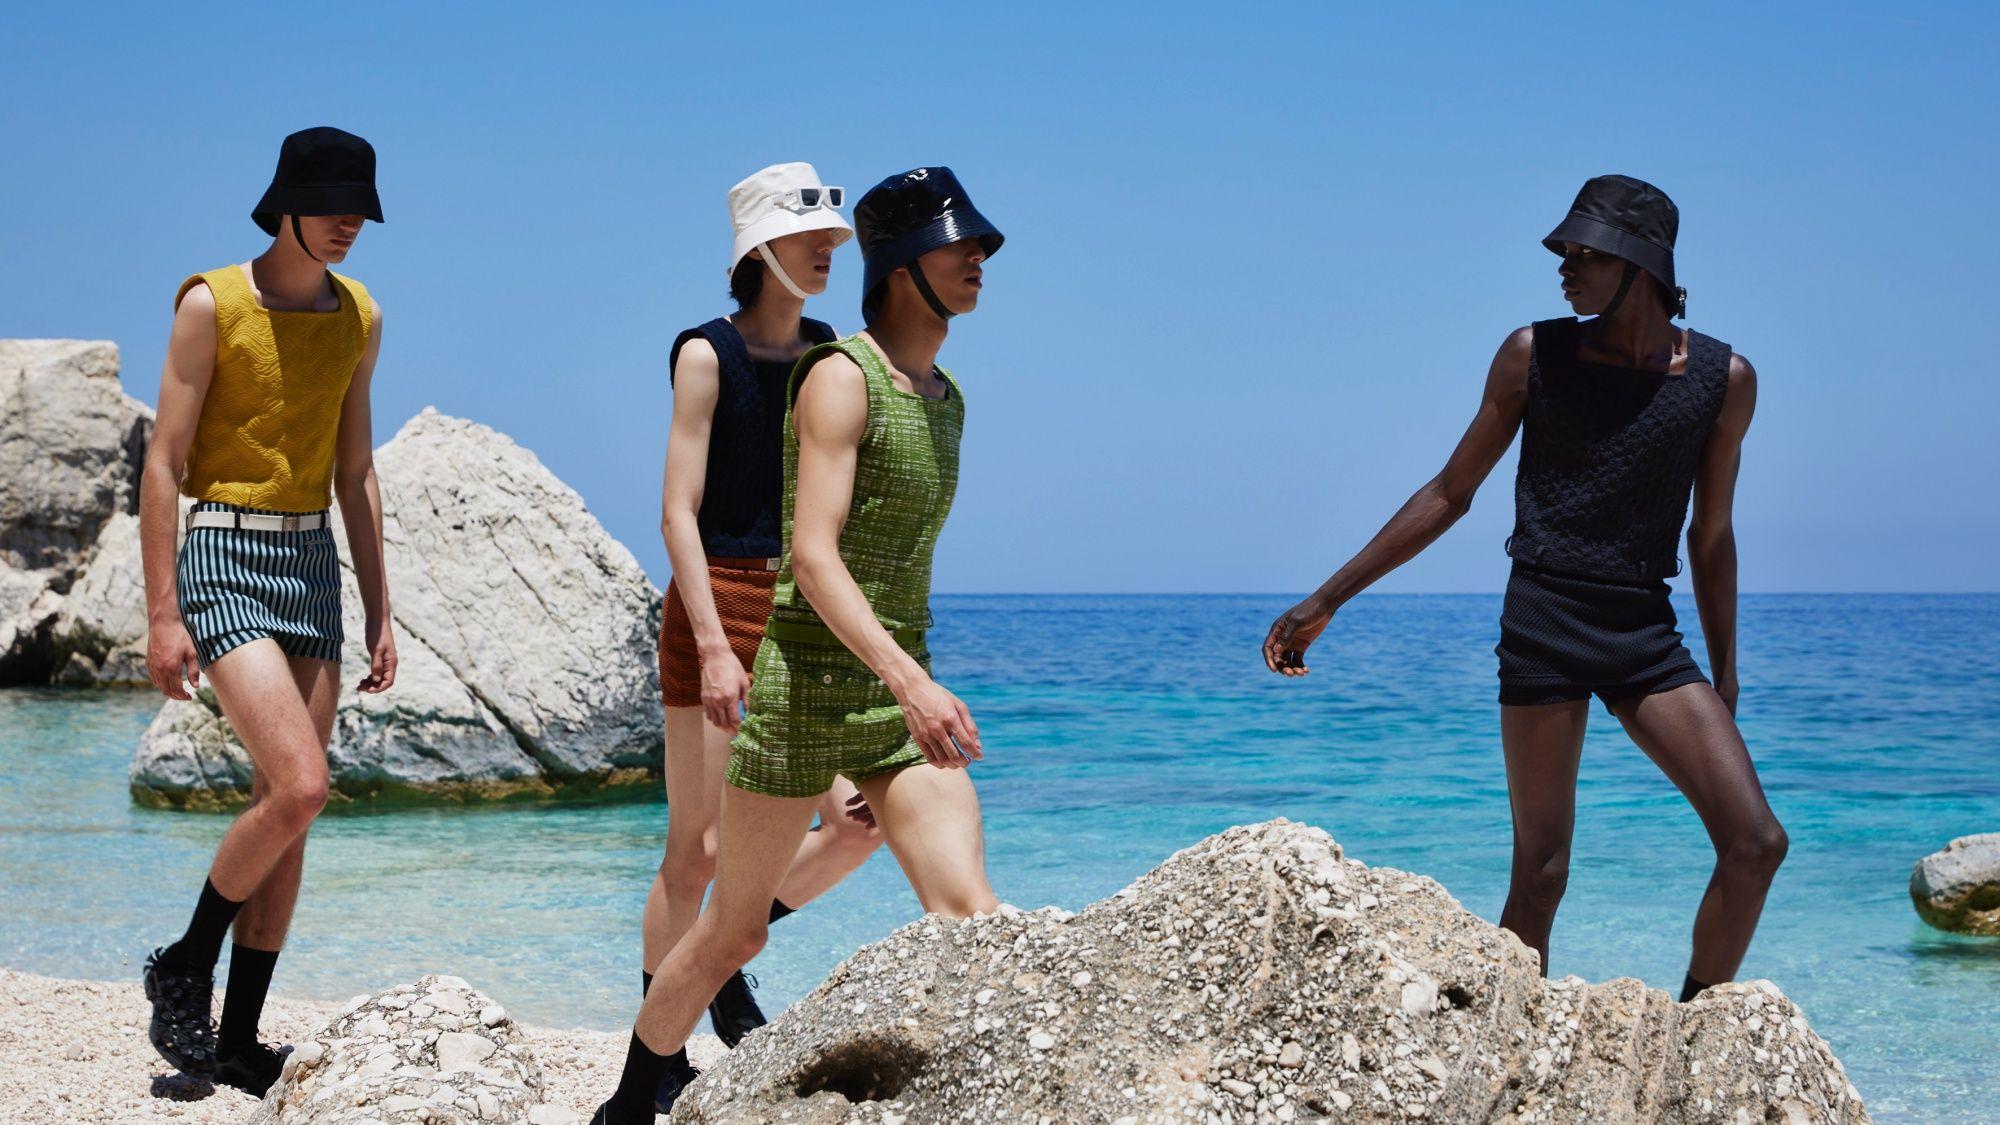 Prada 2022 春夏男裝 6 大必看重點:超短小熱褲、繫帶漁夫帽將是下一個爆款?